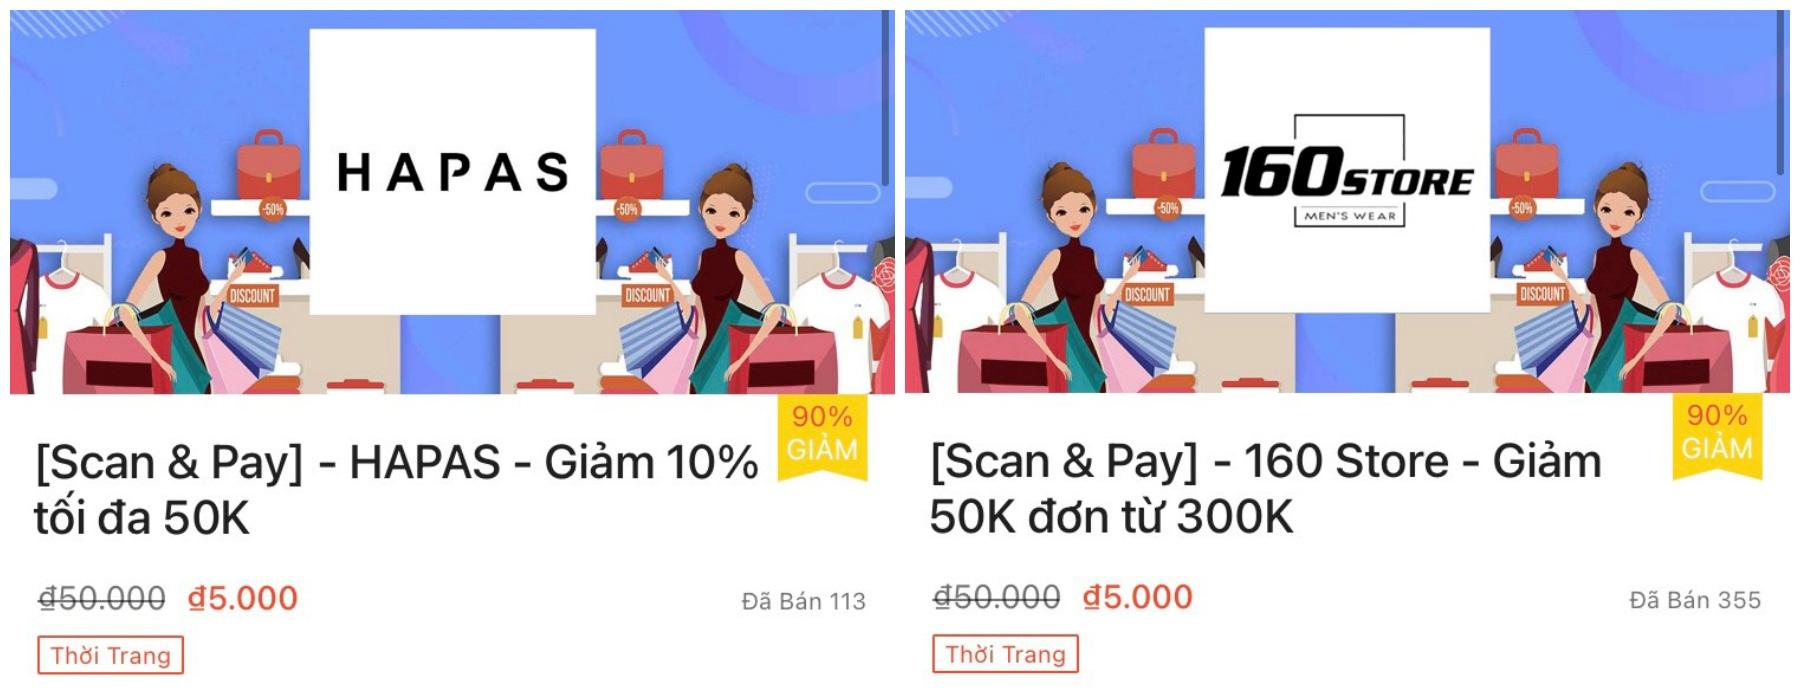 Chẳng cần triệu hồi Winx Enchantix, 5.000 đồng vẫn tậu được voucher với giá trị gấp 4, gấp 10 lần - Ảnh 4.